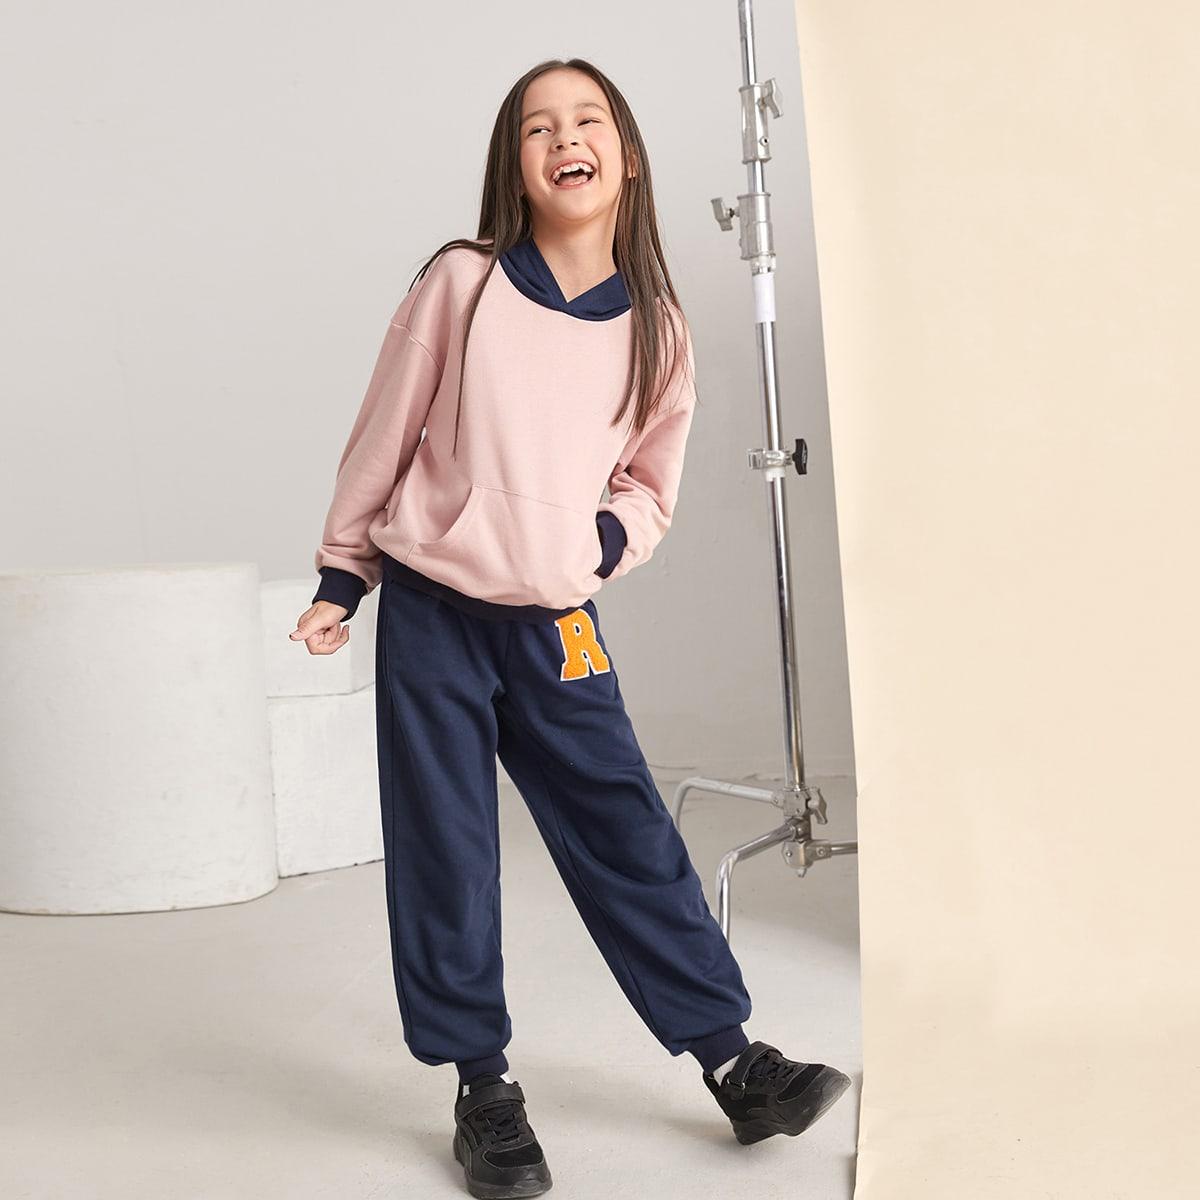 Контрастное худи с карманом и спортивные брюки с текстовой заплатой для девочек